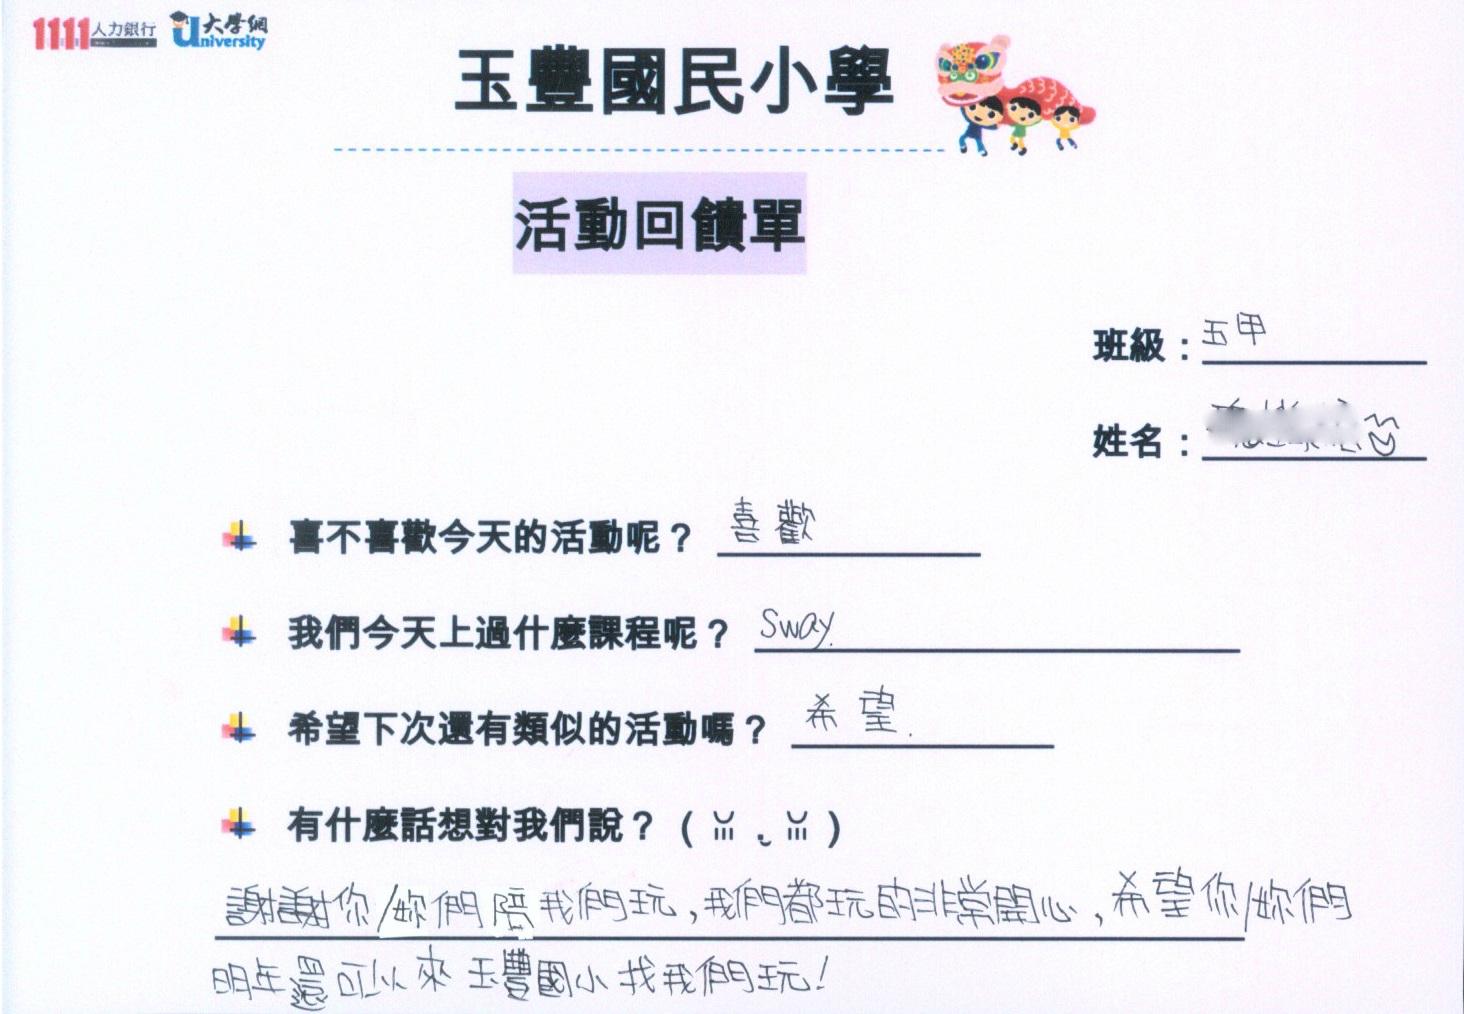 【校園菁英計畫-偏鄉計畫】培訓未來C戰警計畫 活動成果發表-台中教育大學